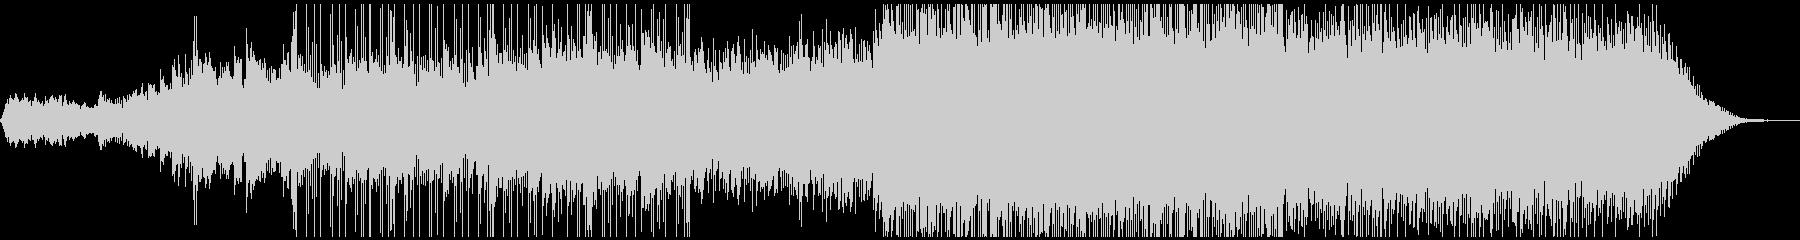 ピアノがきらきら綺麗なBGM2の未再生の波形